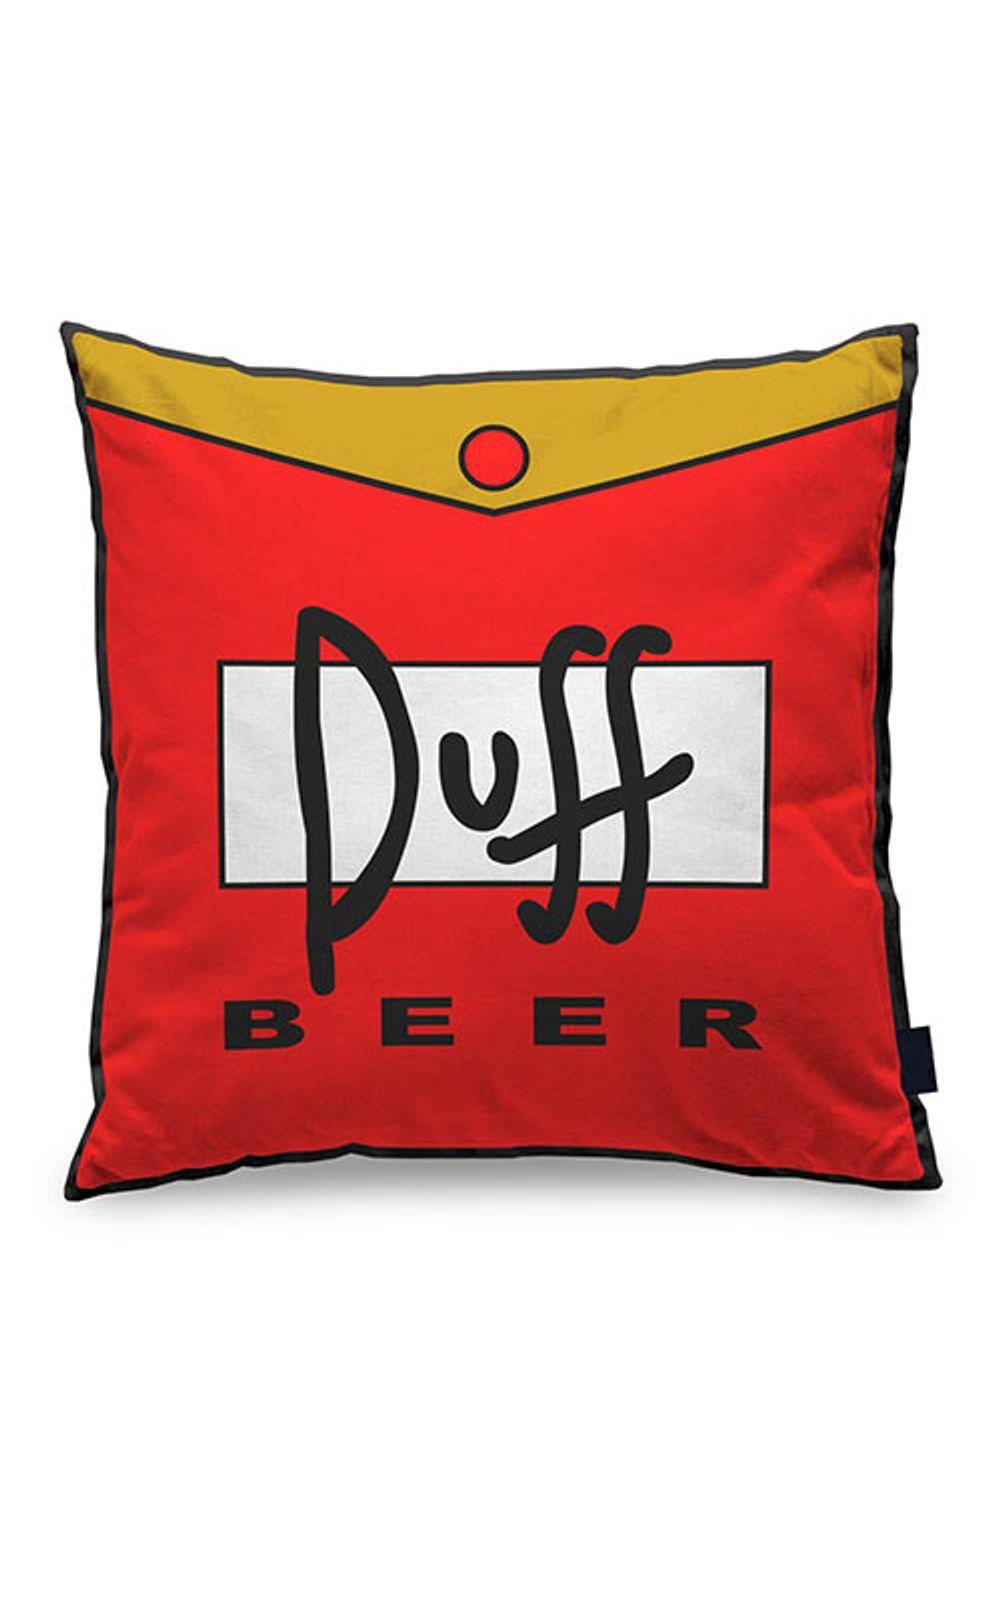 Foto 1 - Almofada Cerveja Duff Beer Quadrada